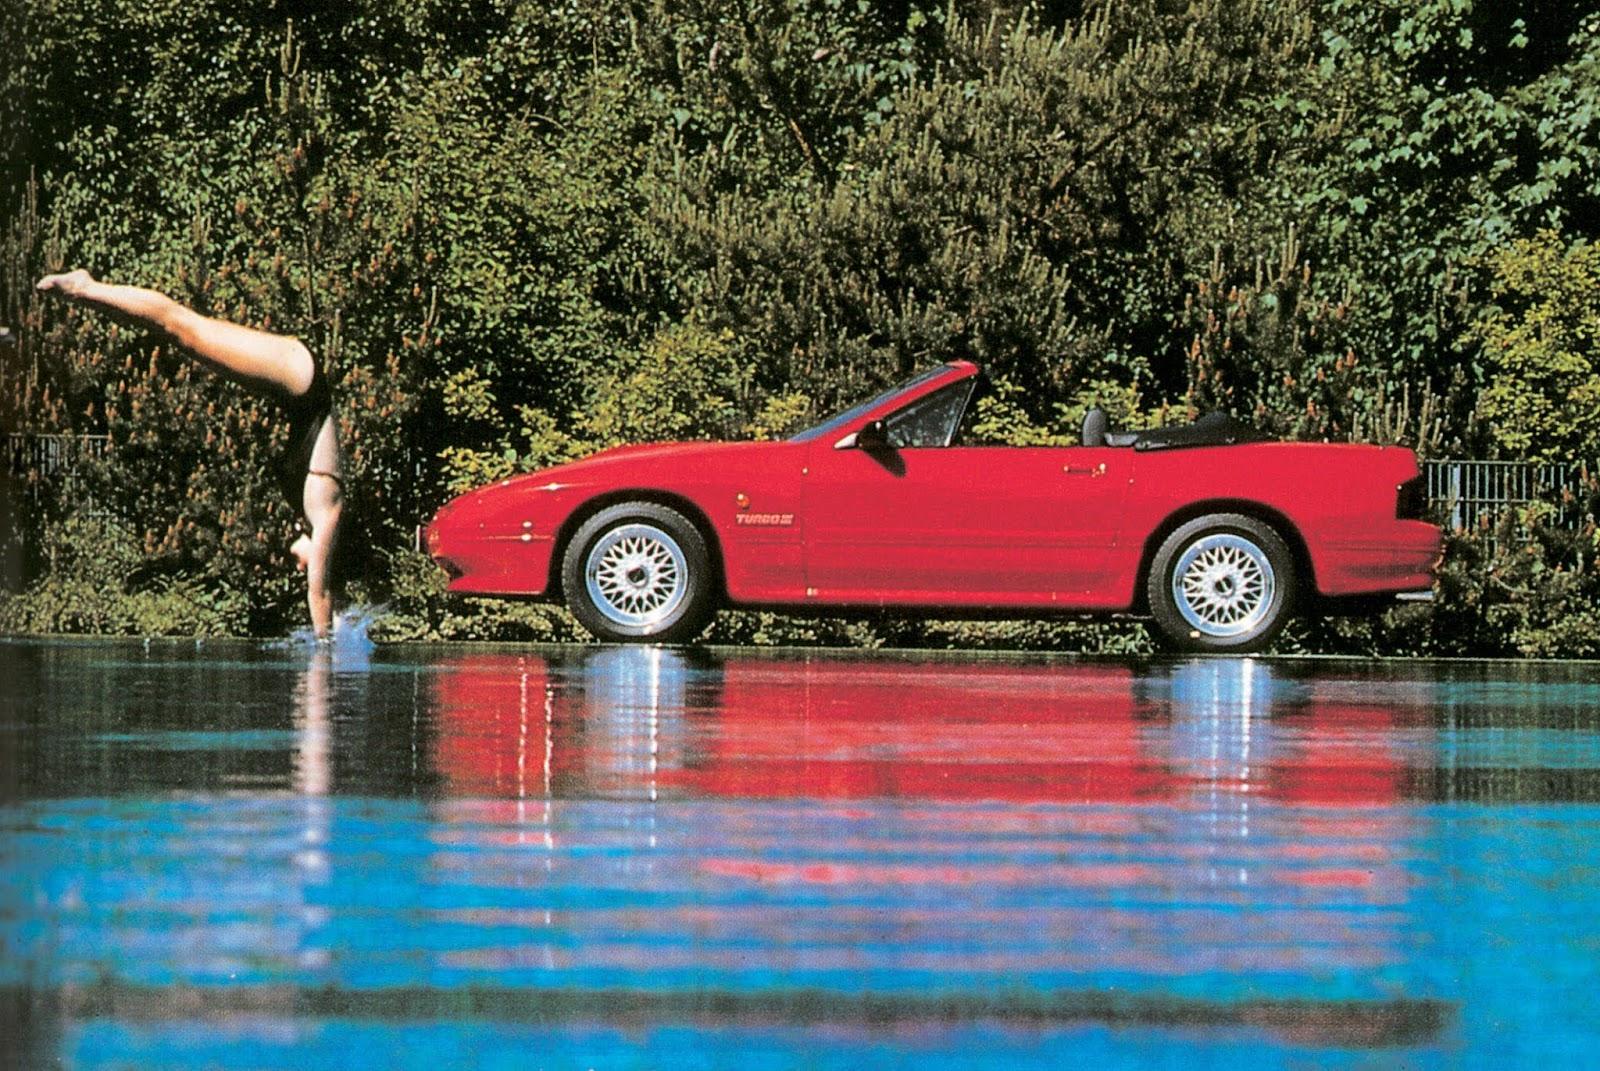 Mazda RX 7 Generation 2 1989 Mazda RX-7. Επαναπροσδιορίζοντας την οδηγική απόλαυση μέσω του περιστροφικού κινητήρα Mazda, Mazda RX-7, Rotary, RX7, Wankel, zblog